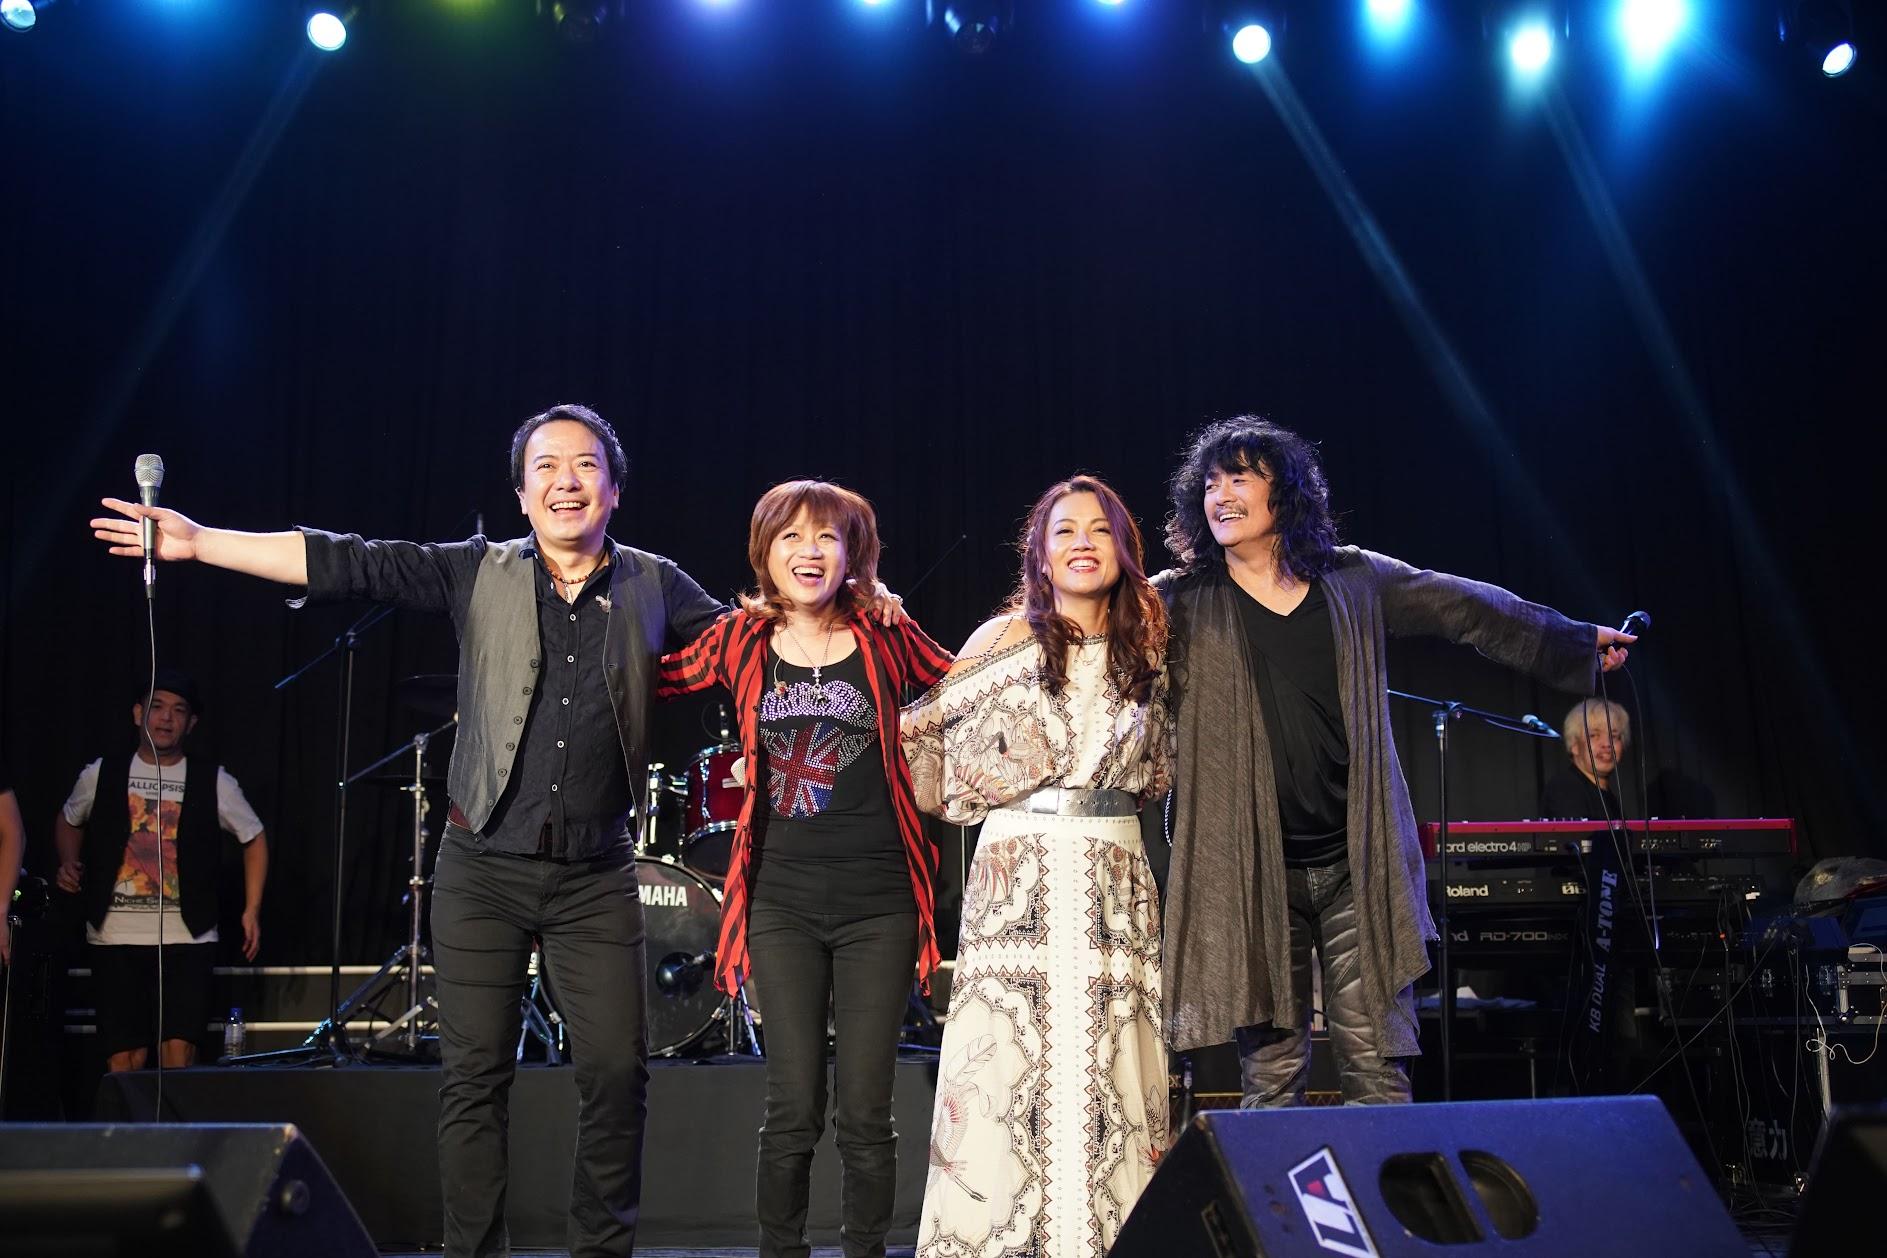 【迷迷歌單】《MOJOST ANISONG FES IN TAIWAN》 「田村直美 x 宮崎 歩 x 松澤由美 90s Treasure Live」